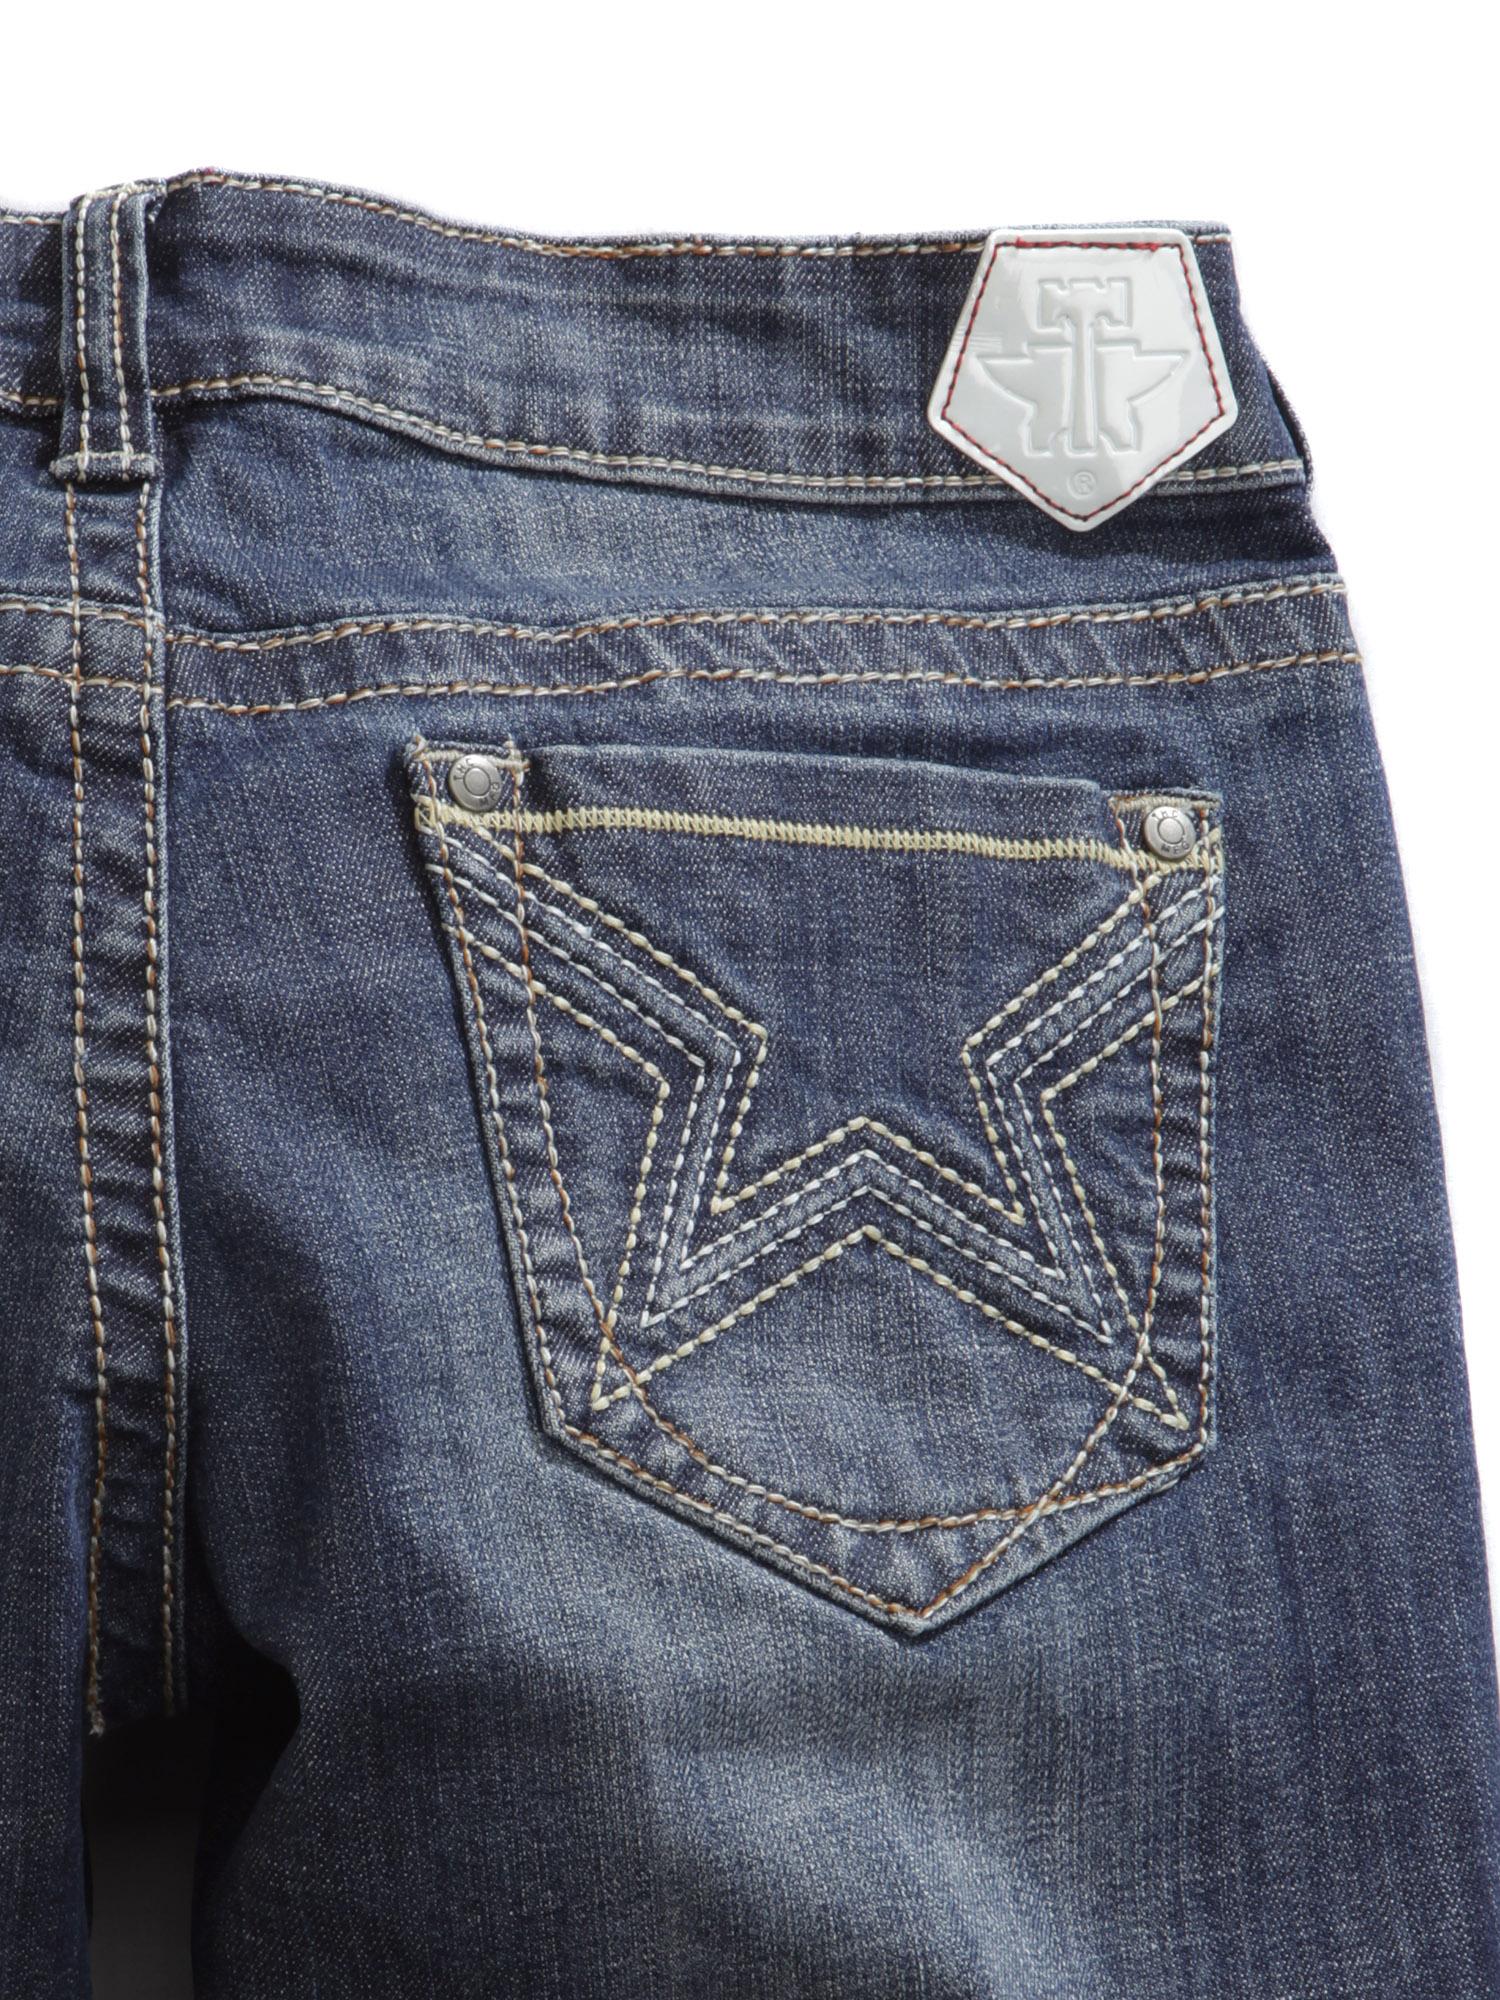 Dolly Celebrity Jeans | Urban Western Wear